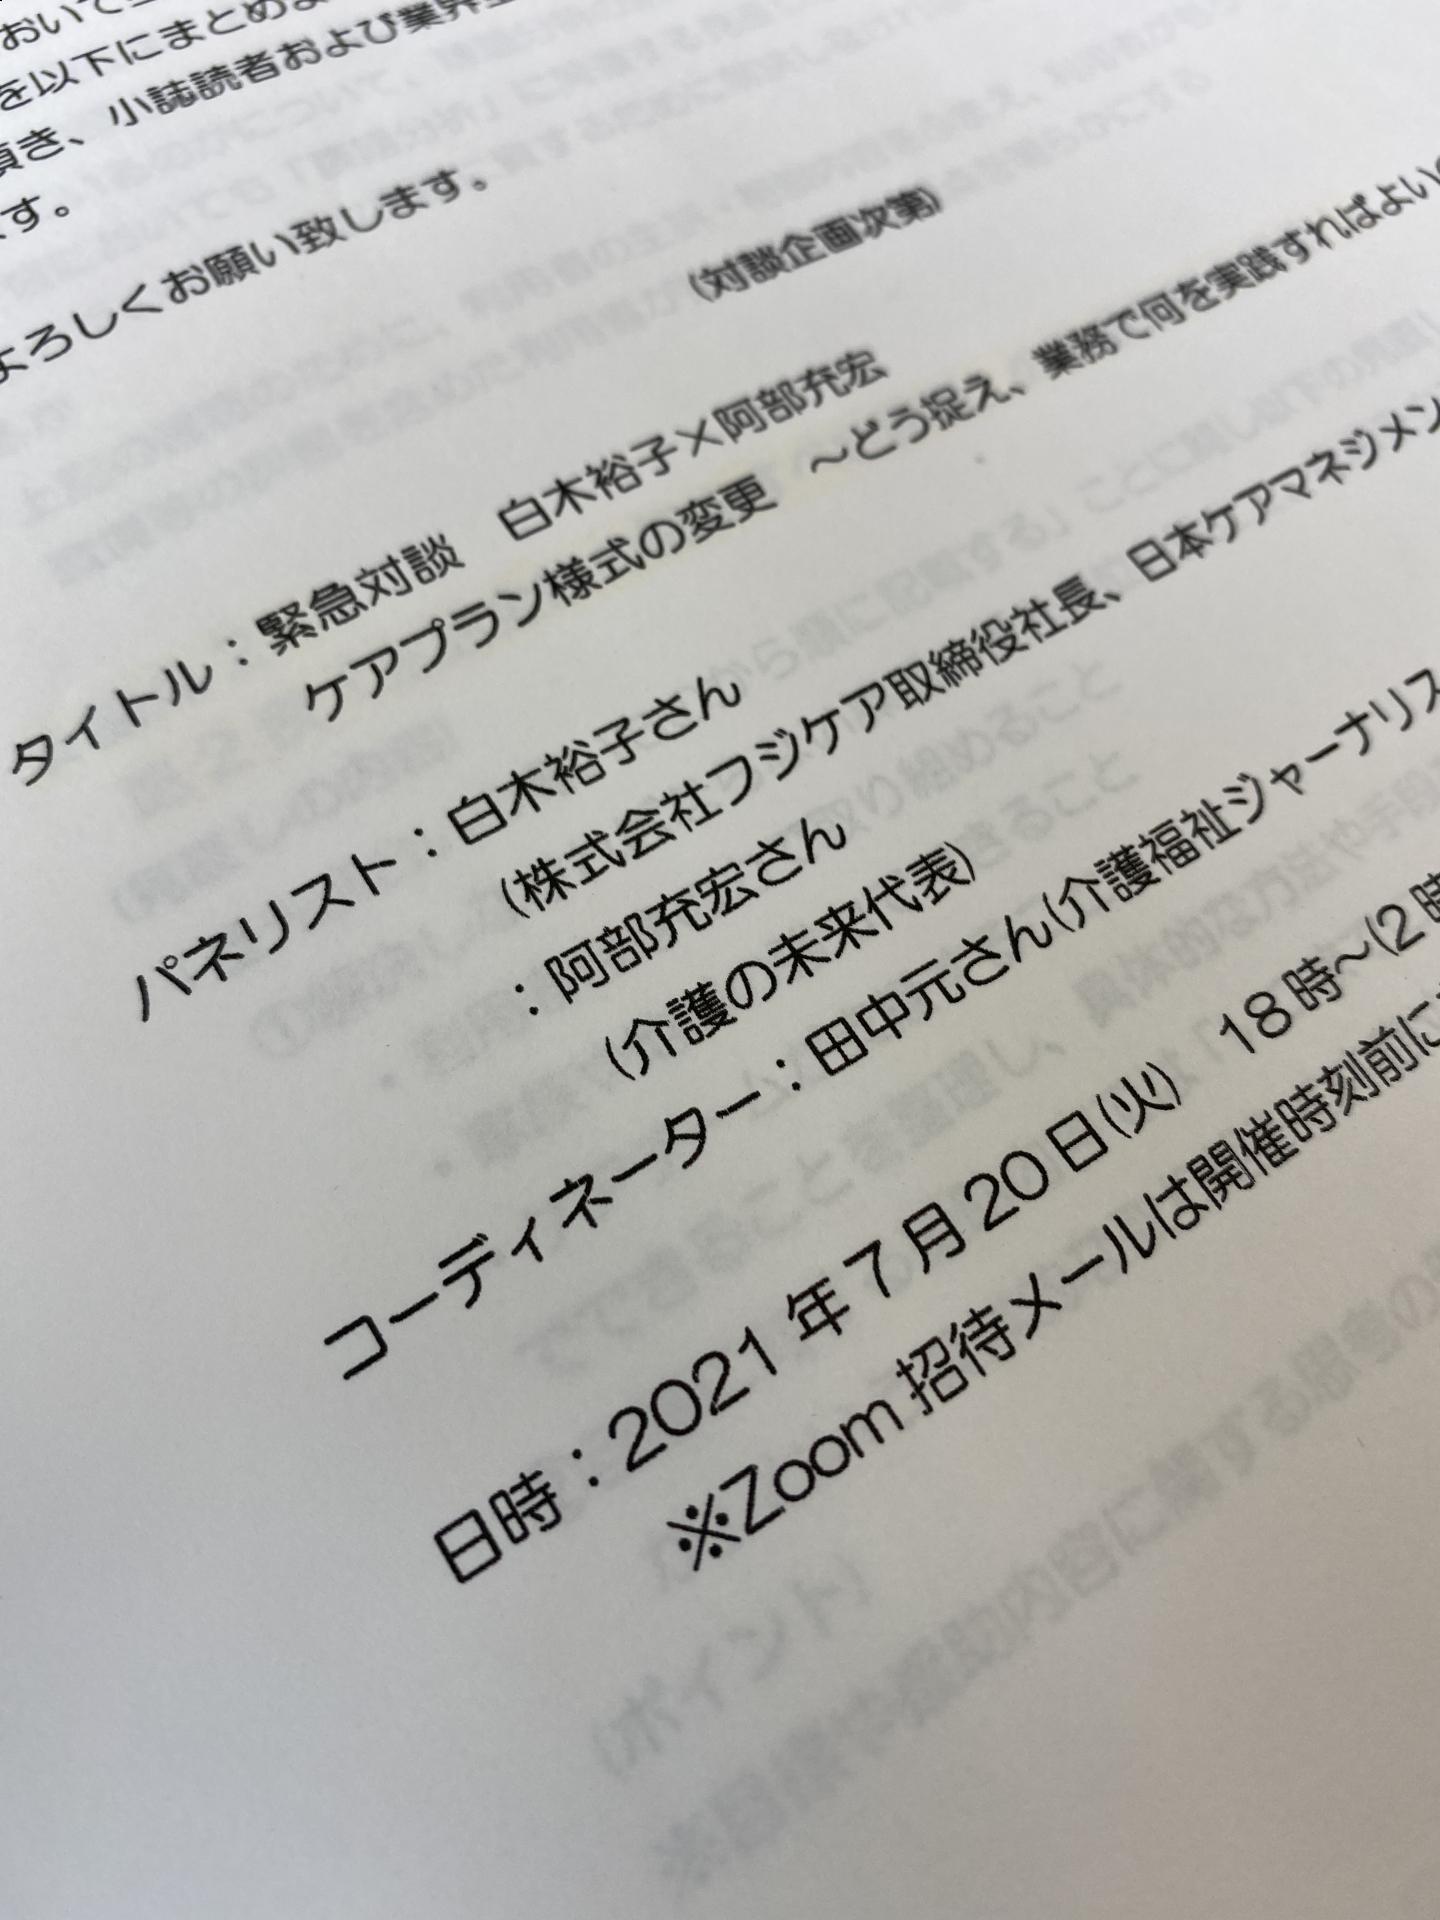 【423】 月刊ケアマネジャー座談会に参加します!